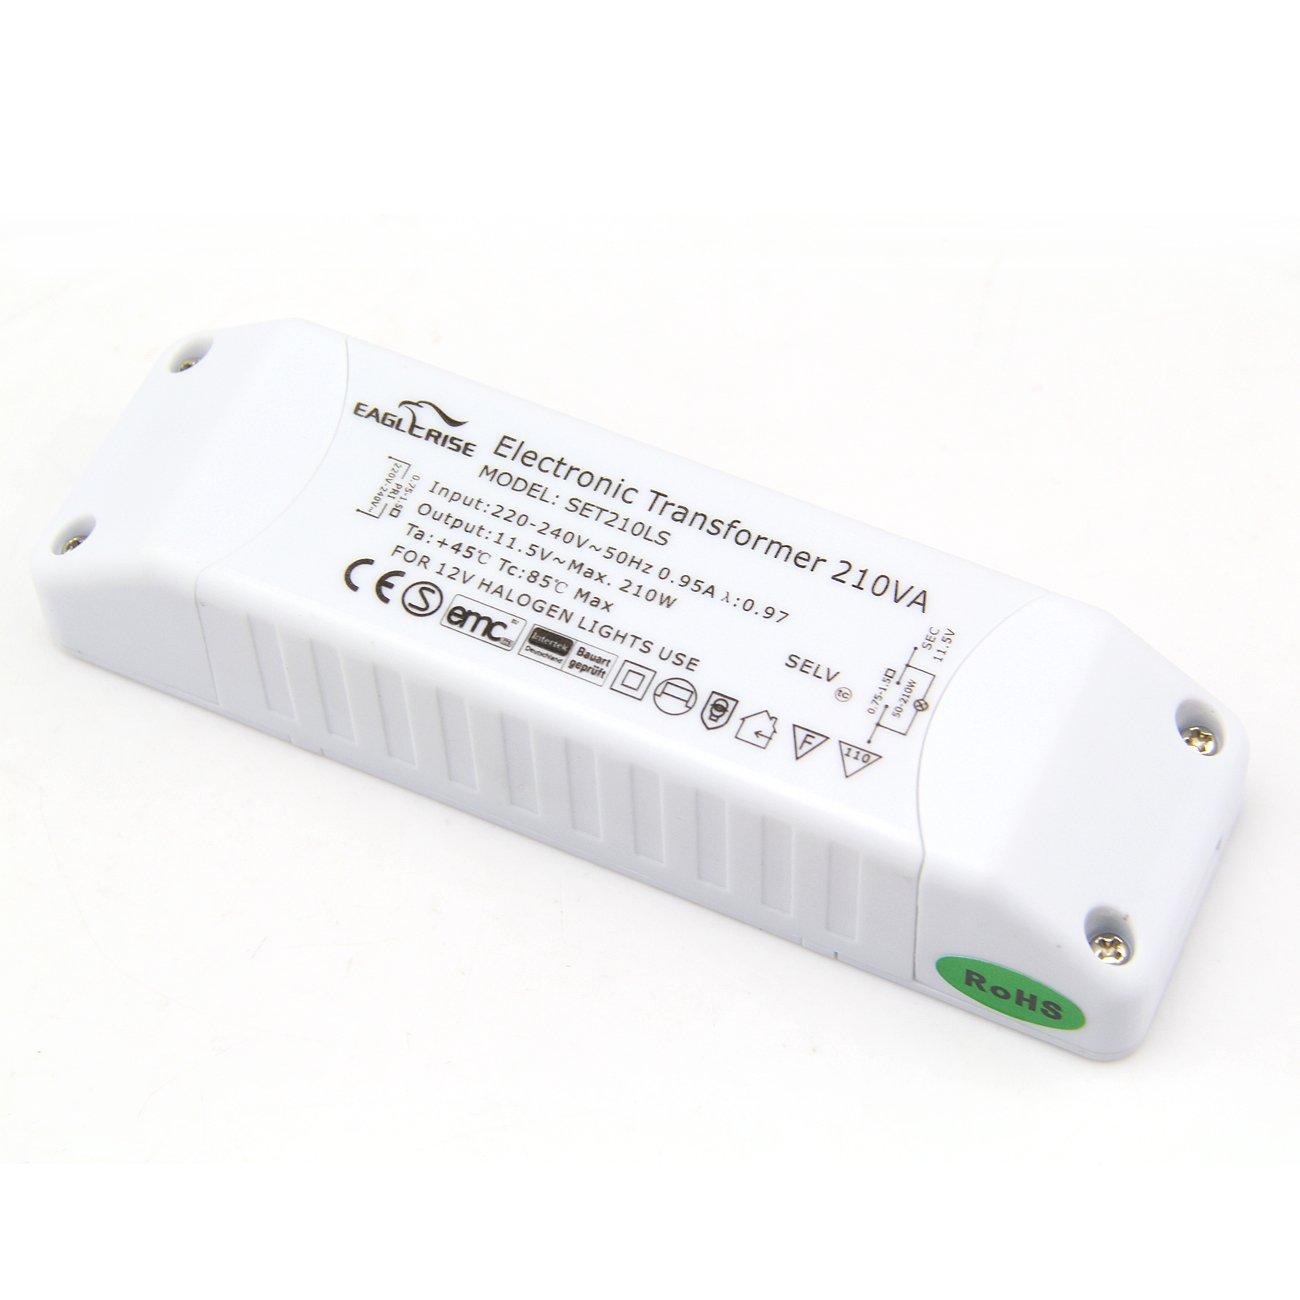 EAGLERISE for AC 230V AC to 12V Halogen Light Electronic Transformer 50–210W